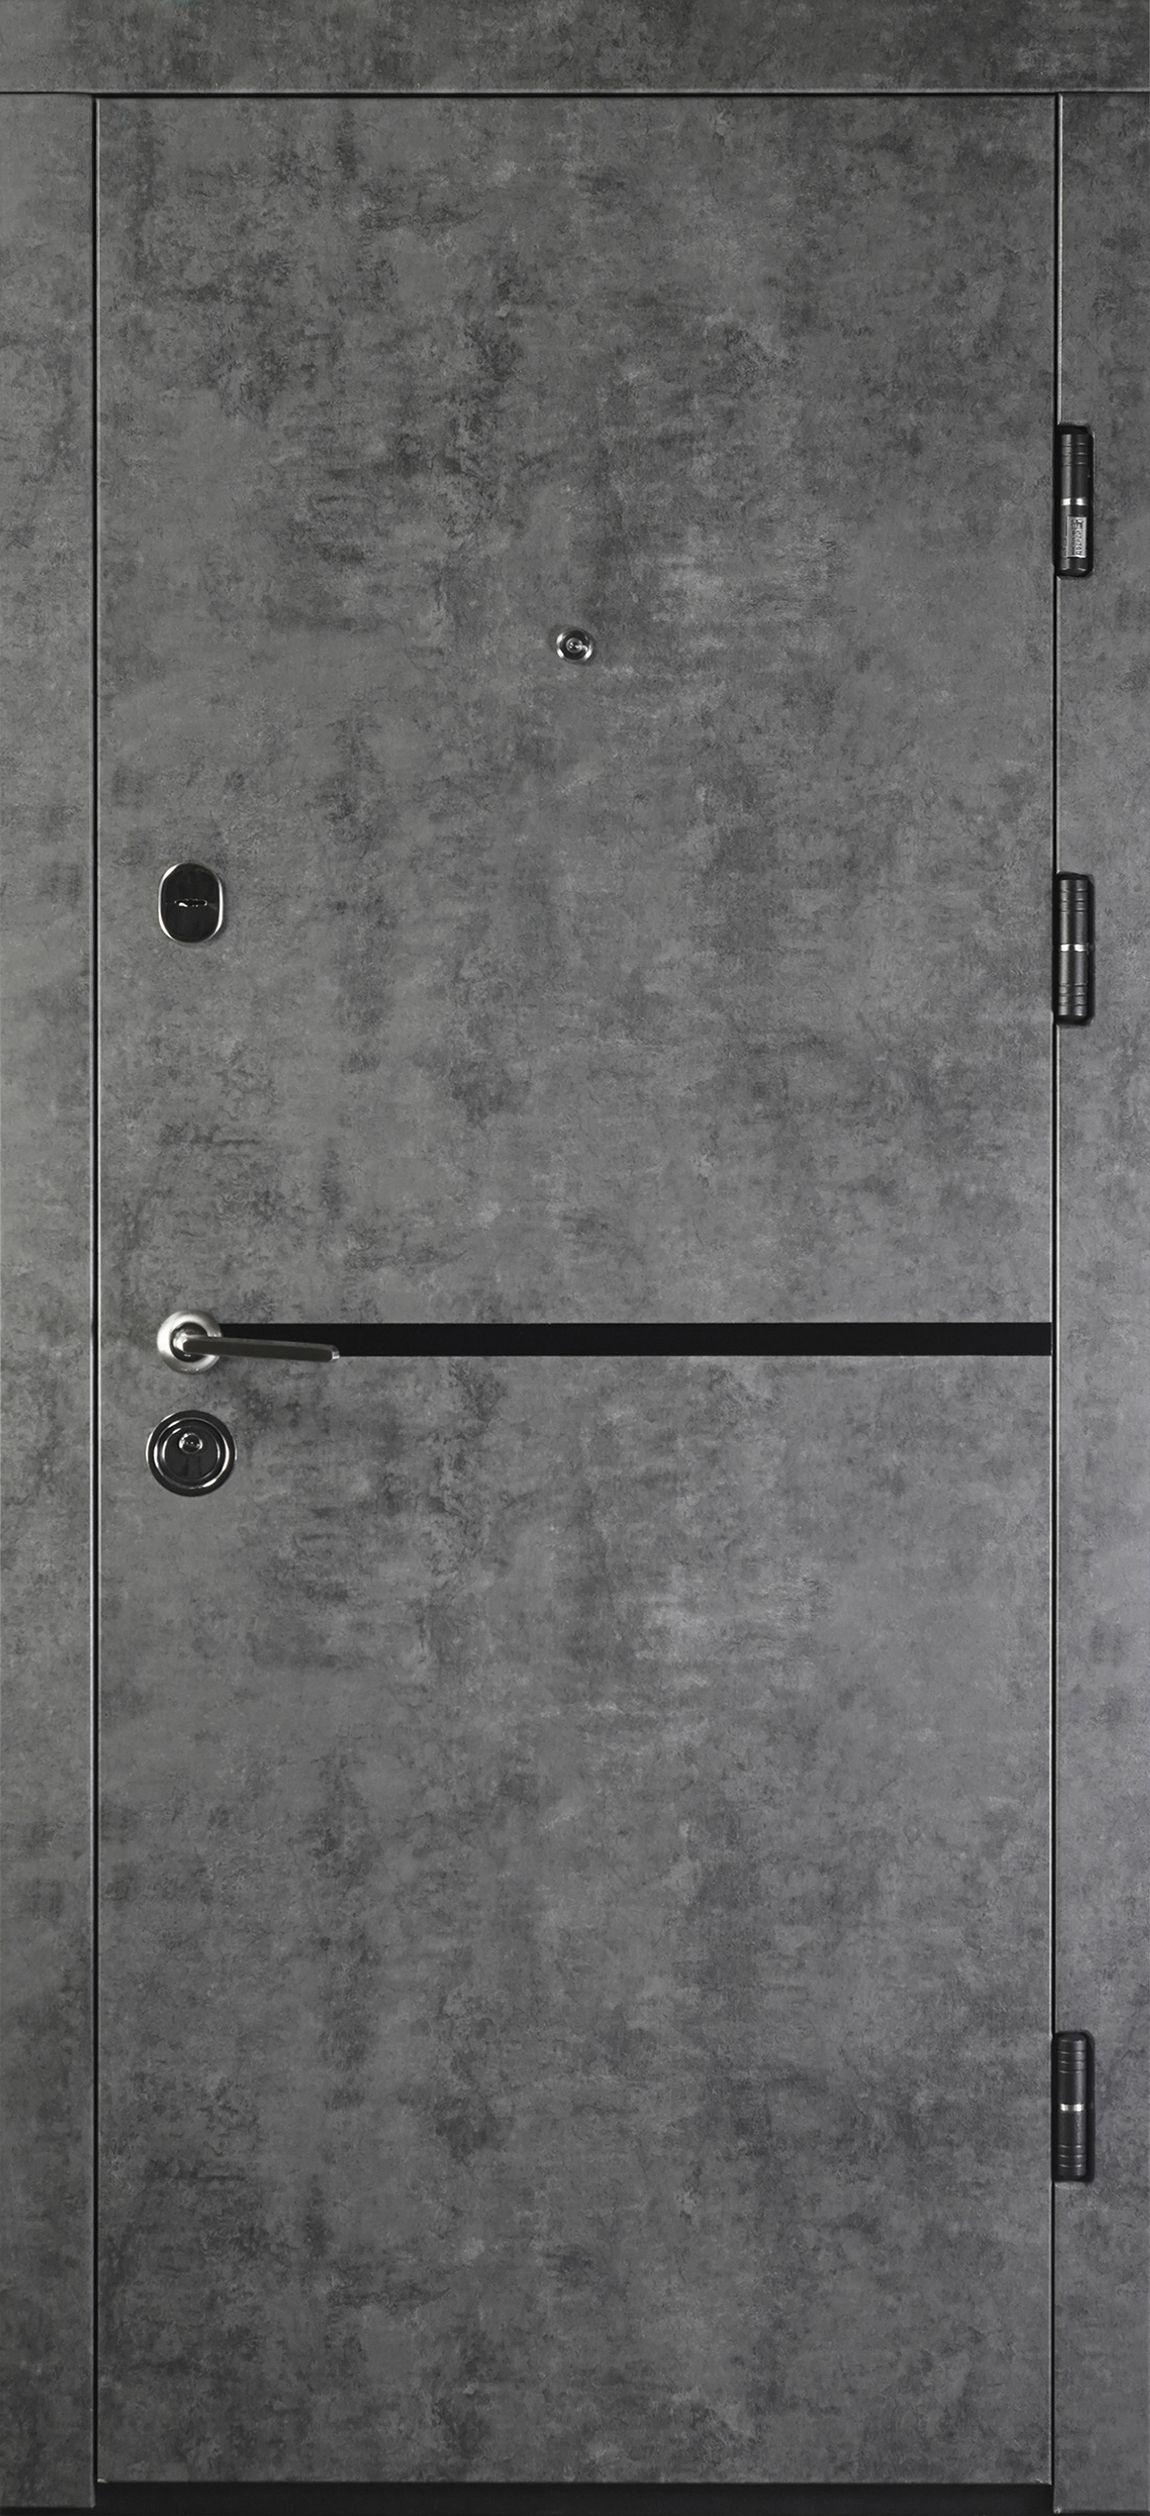 ПК-209 ЕЛІТ Мармур темний